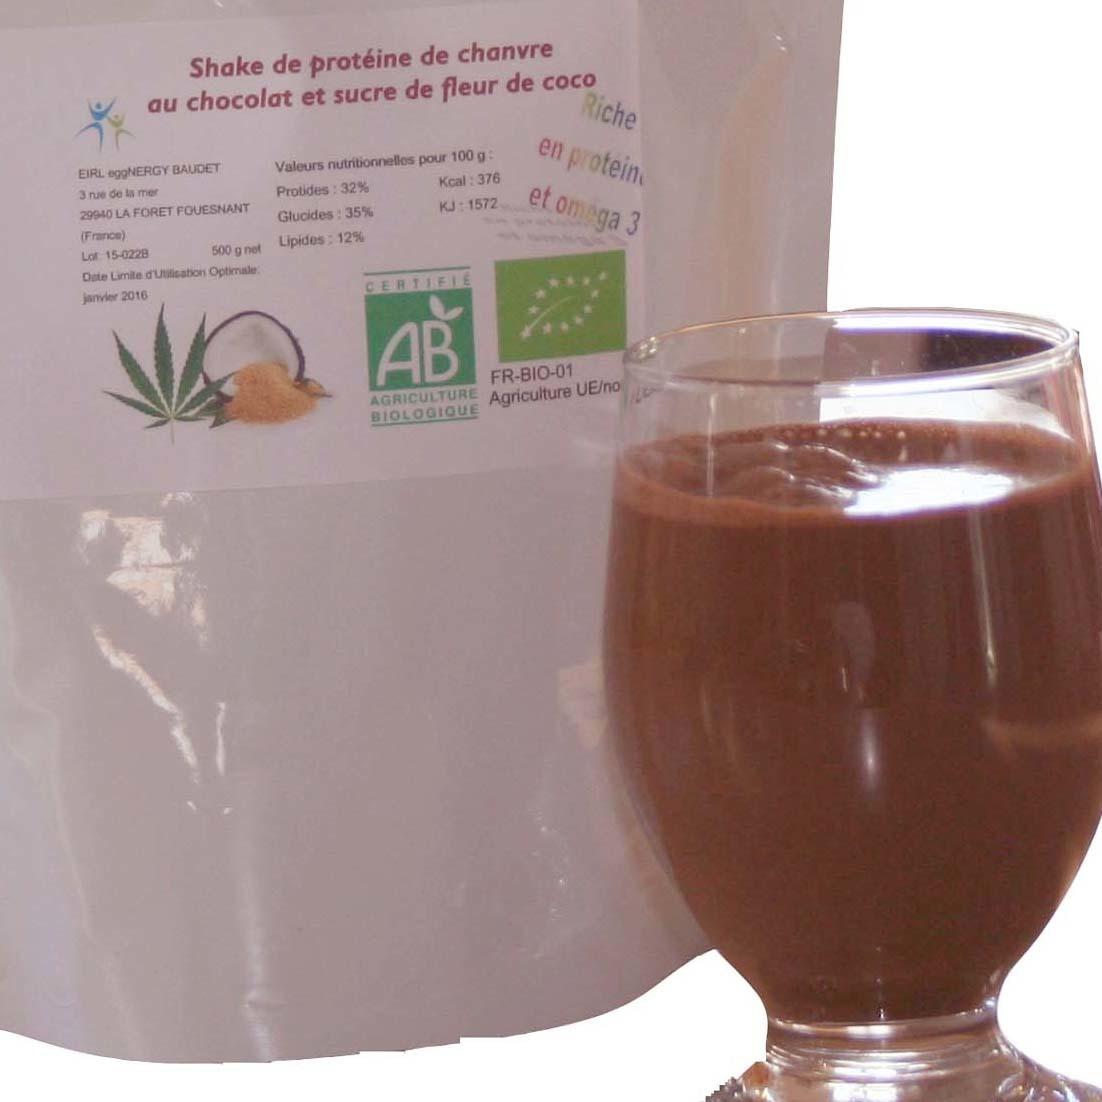 CHANVRE + CACAO + COCO en 1 kg 00315